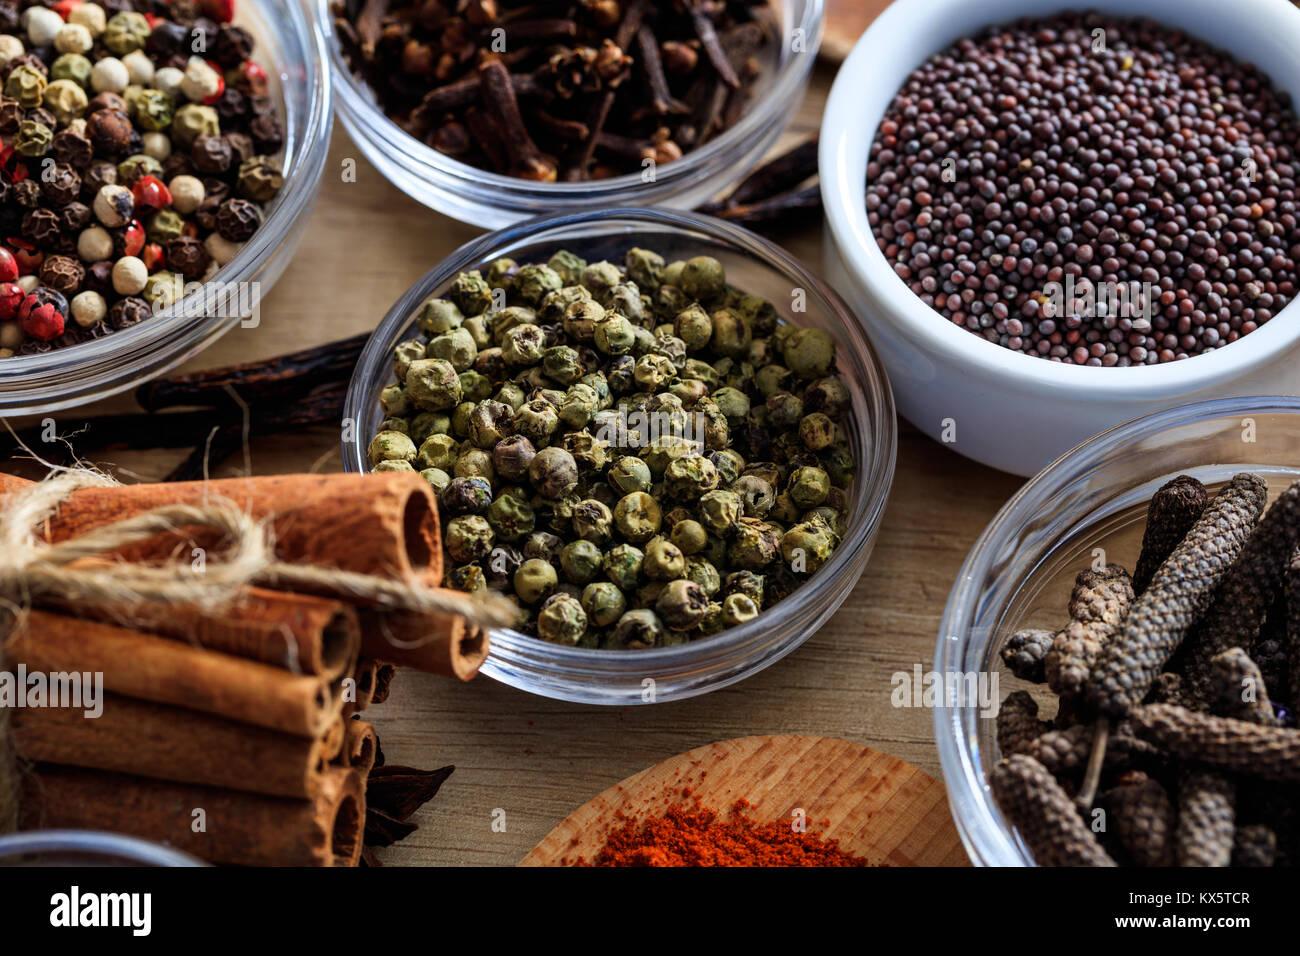 Poivron vert et autres épices sur une surface en bois Photo Stock